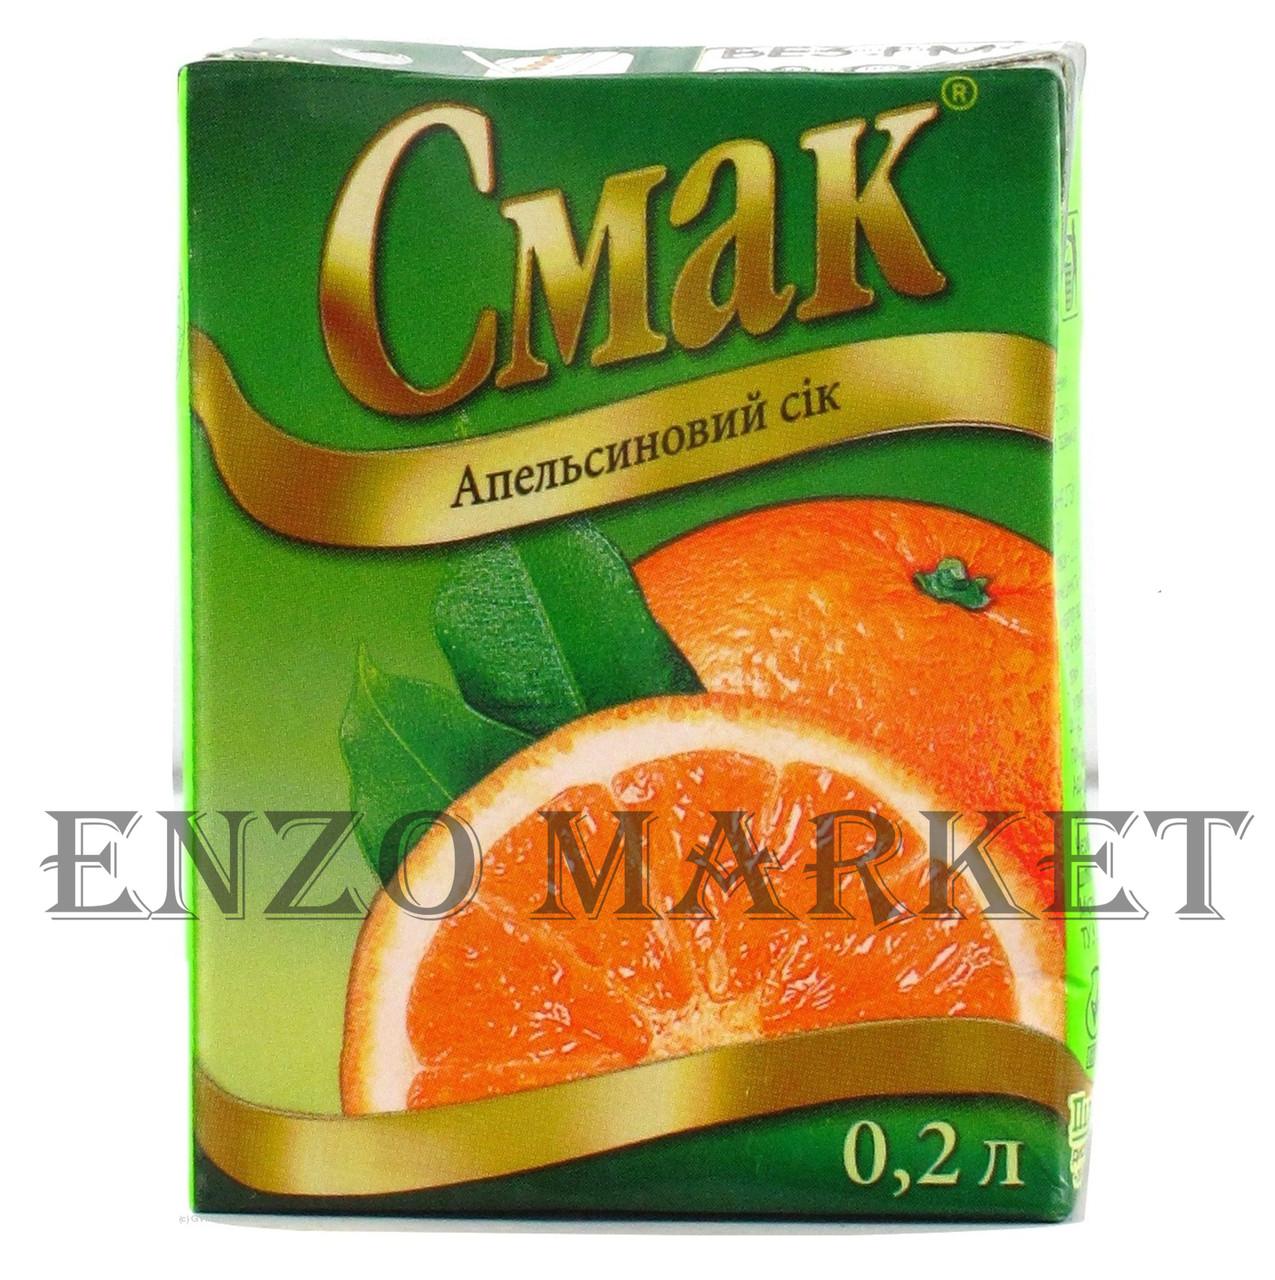 Сок Апельсиновый, 0,2 литра